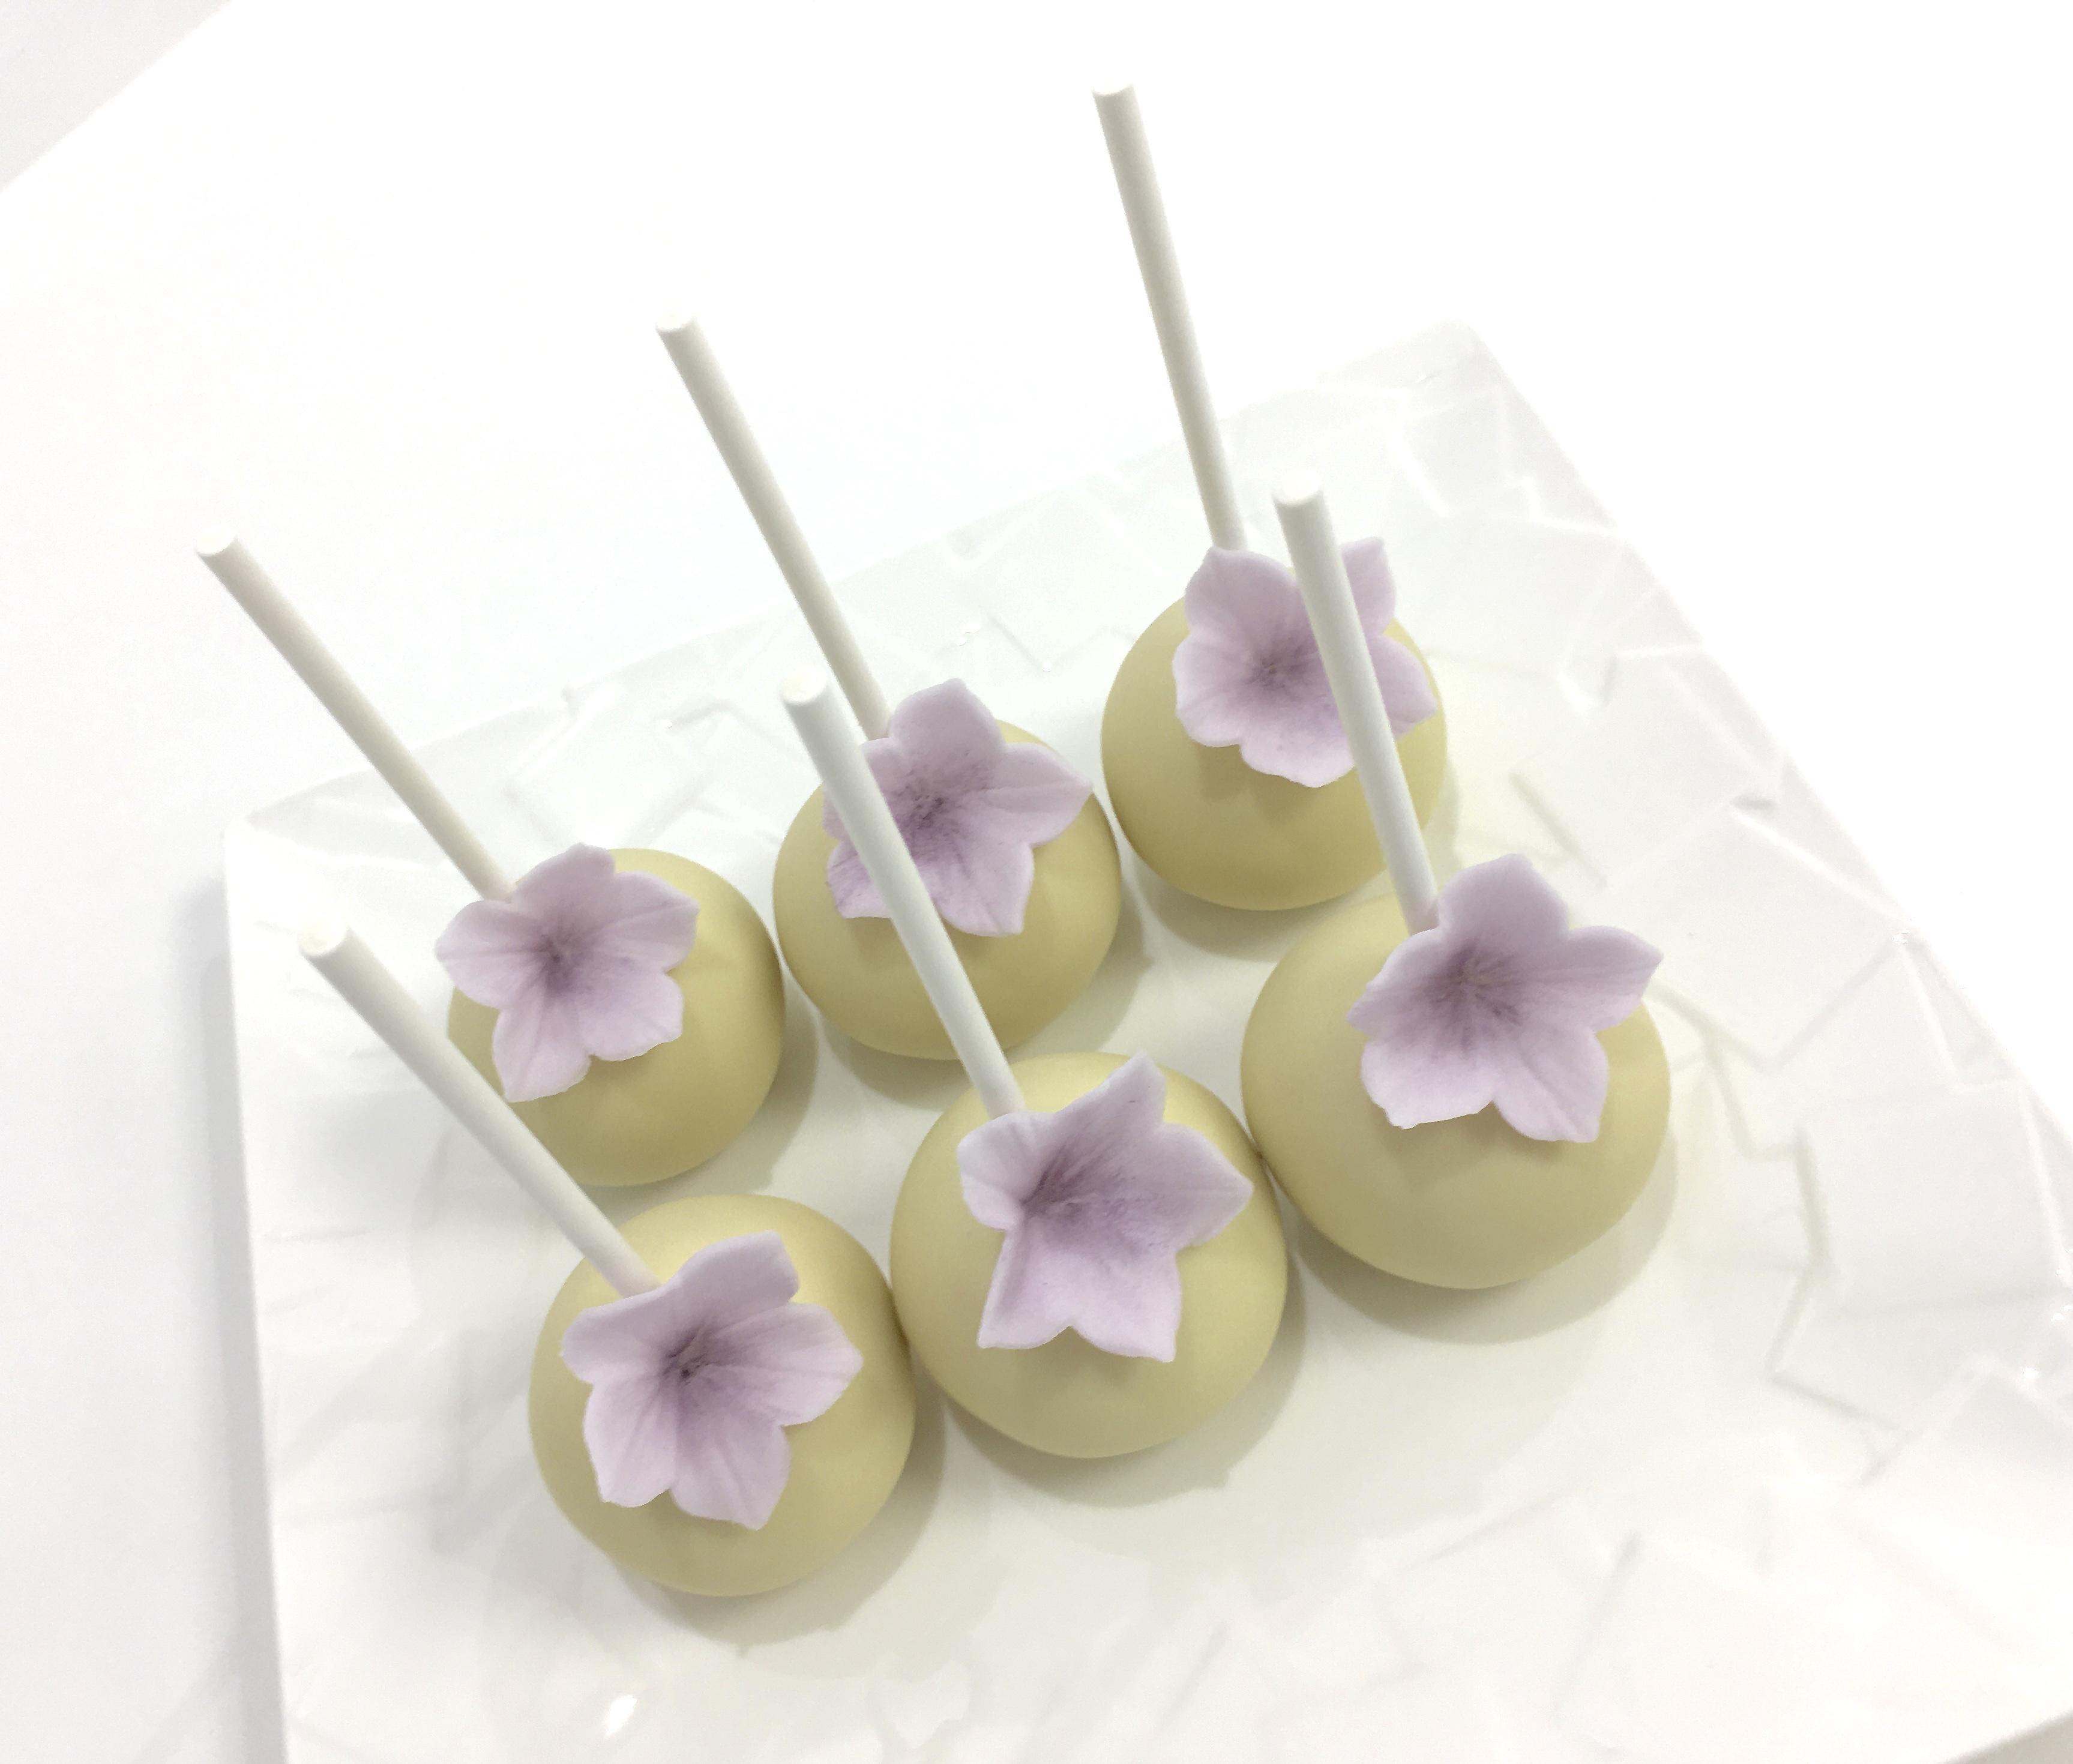 Gâteaux individuels personnalisés Mariage - Popcakes Thème Cerisier